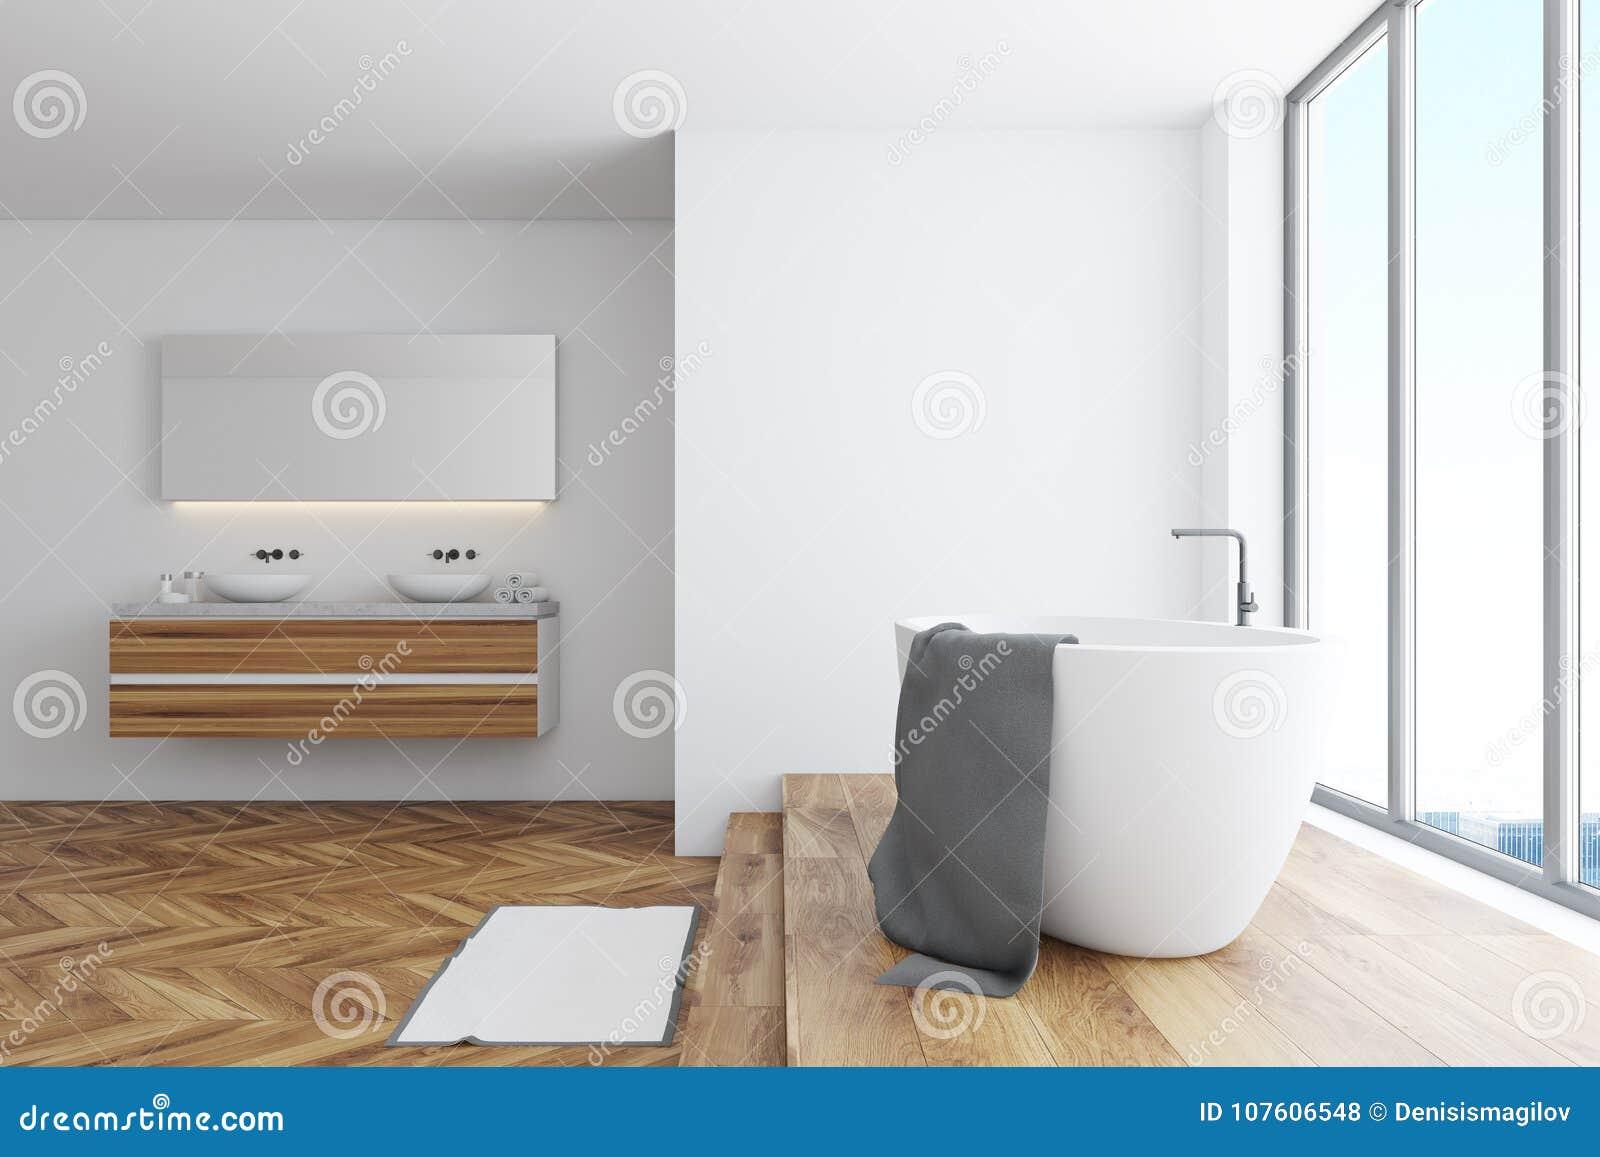 Белый угол ванной комнаты, ушат и двойная раковина